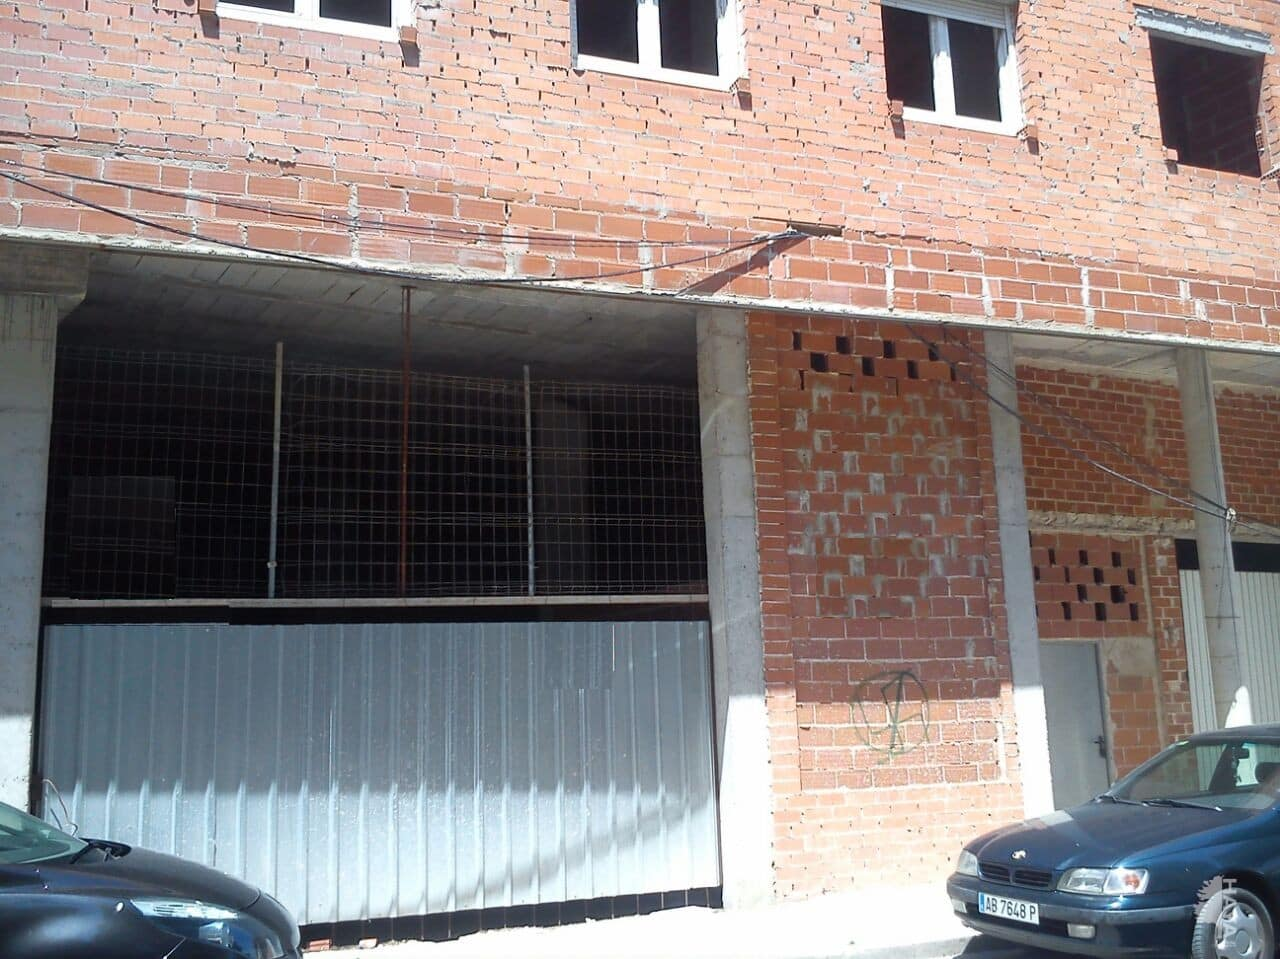 Piso en venta en La Roda, la Roda, Albacete, Calle Juan Garcia Glz, 41.700 €, 1 habitación, 1 baño, 108 m2